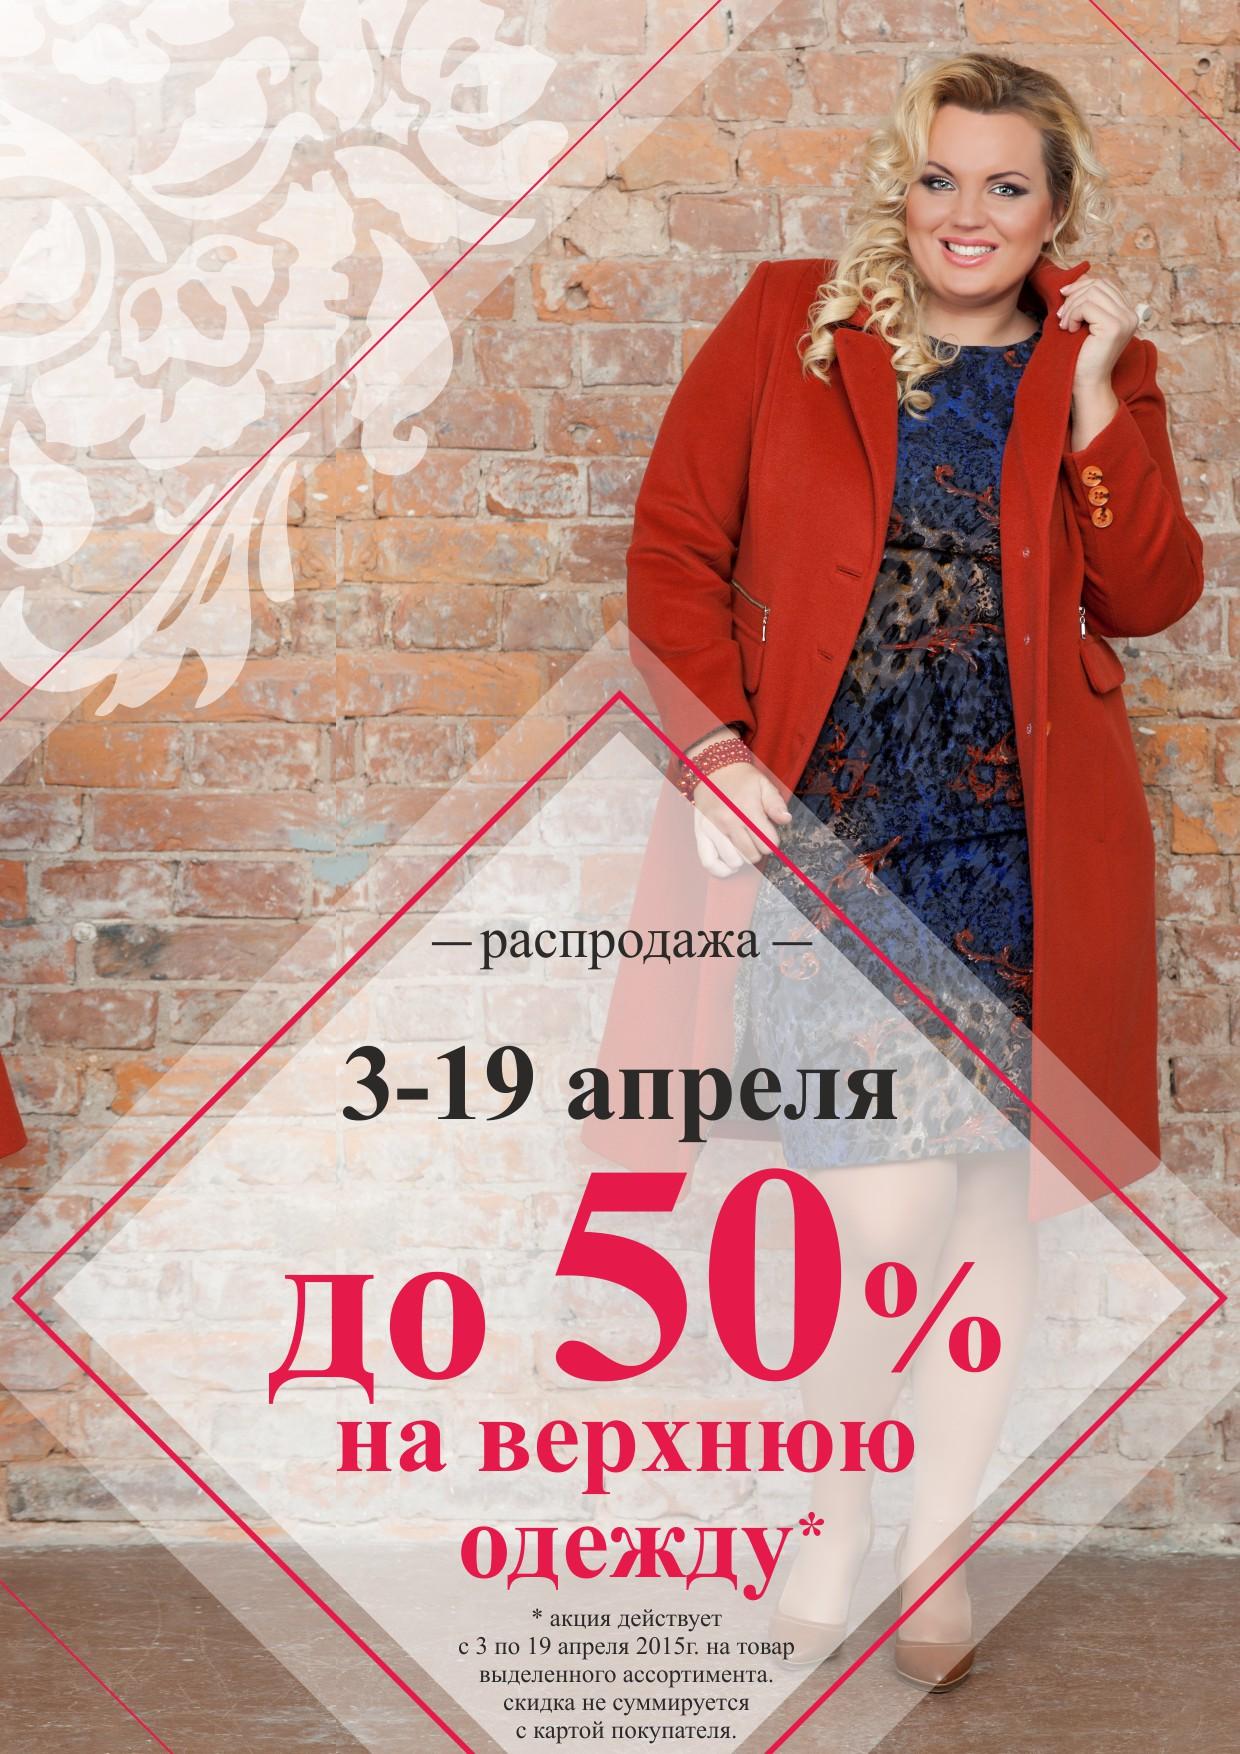 Распродажа Одежды Большого Размера